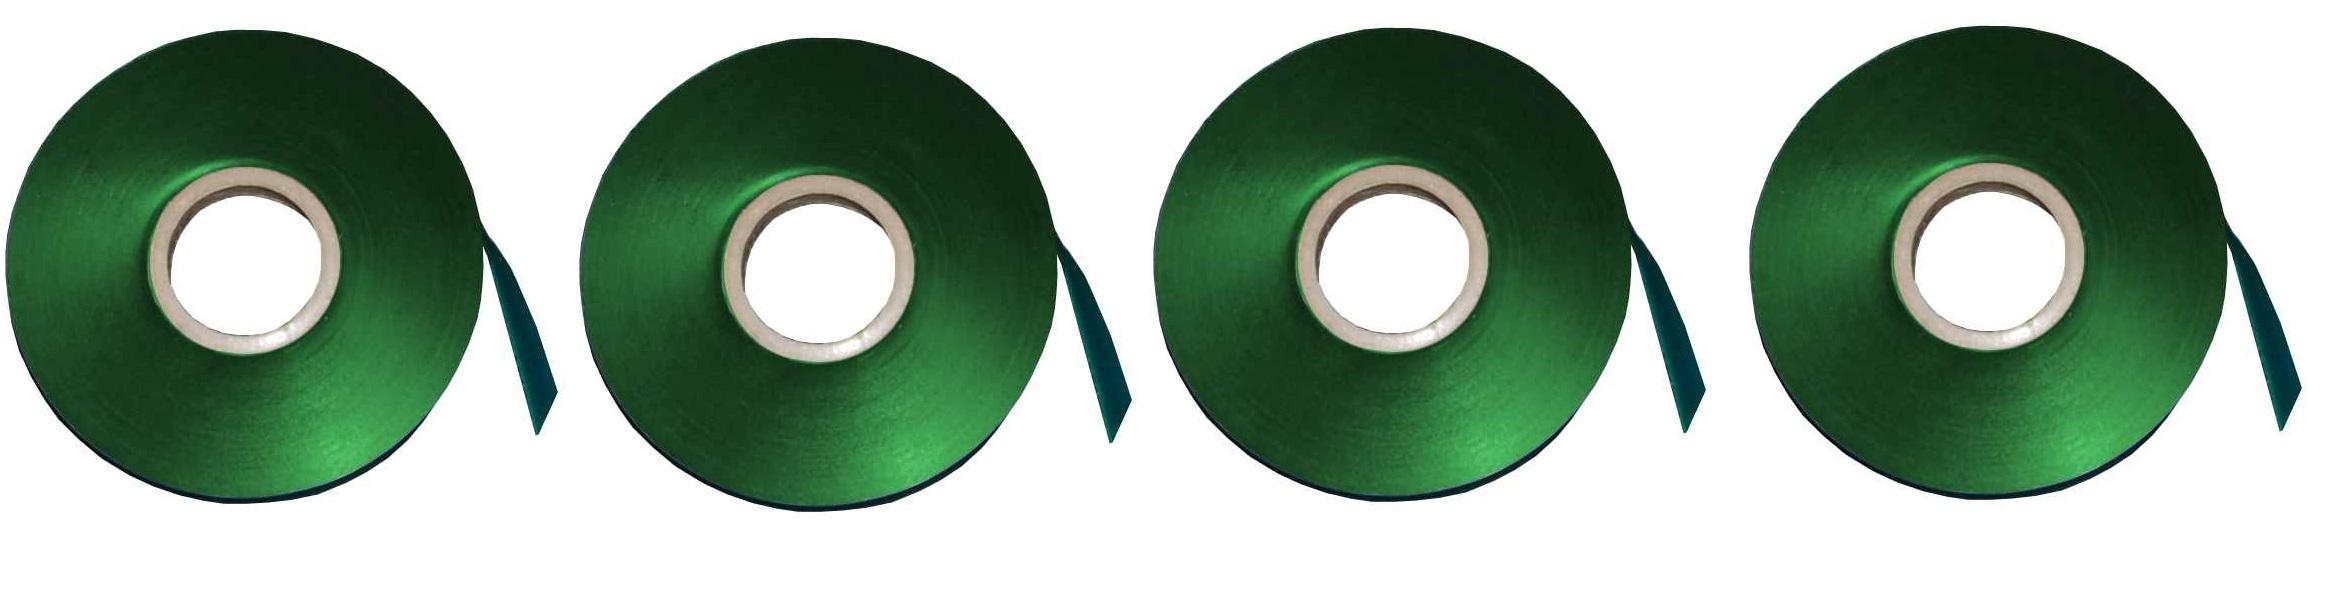 Verdon - Banda verde pentru aparatul de legat via, pomii etc.